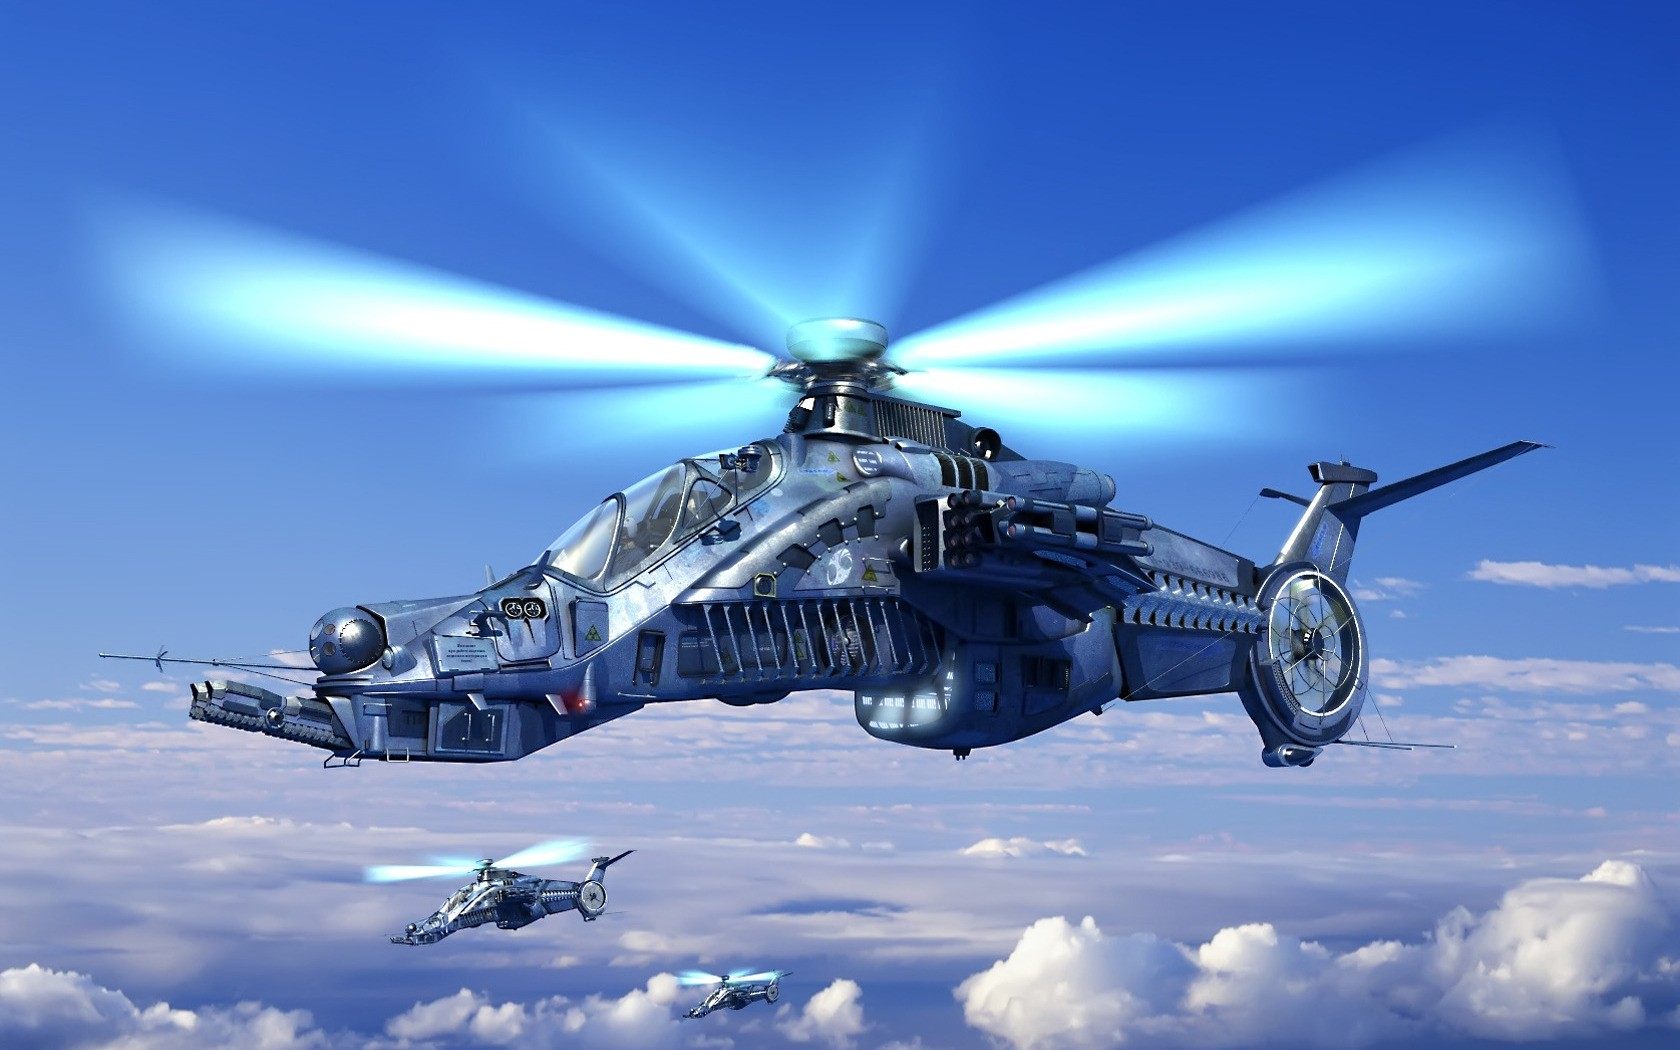 Helicóptero de videojuegos - 1680x1050